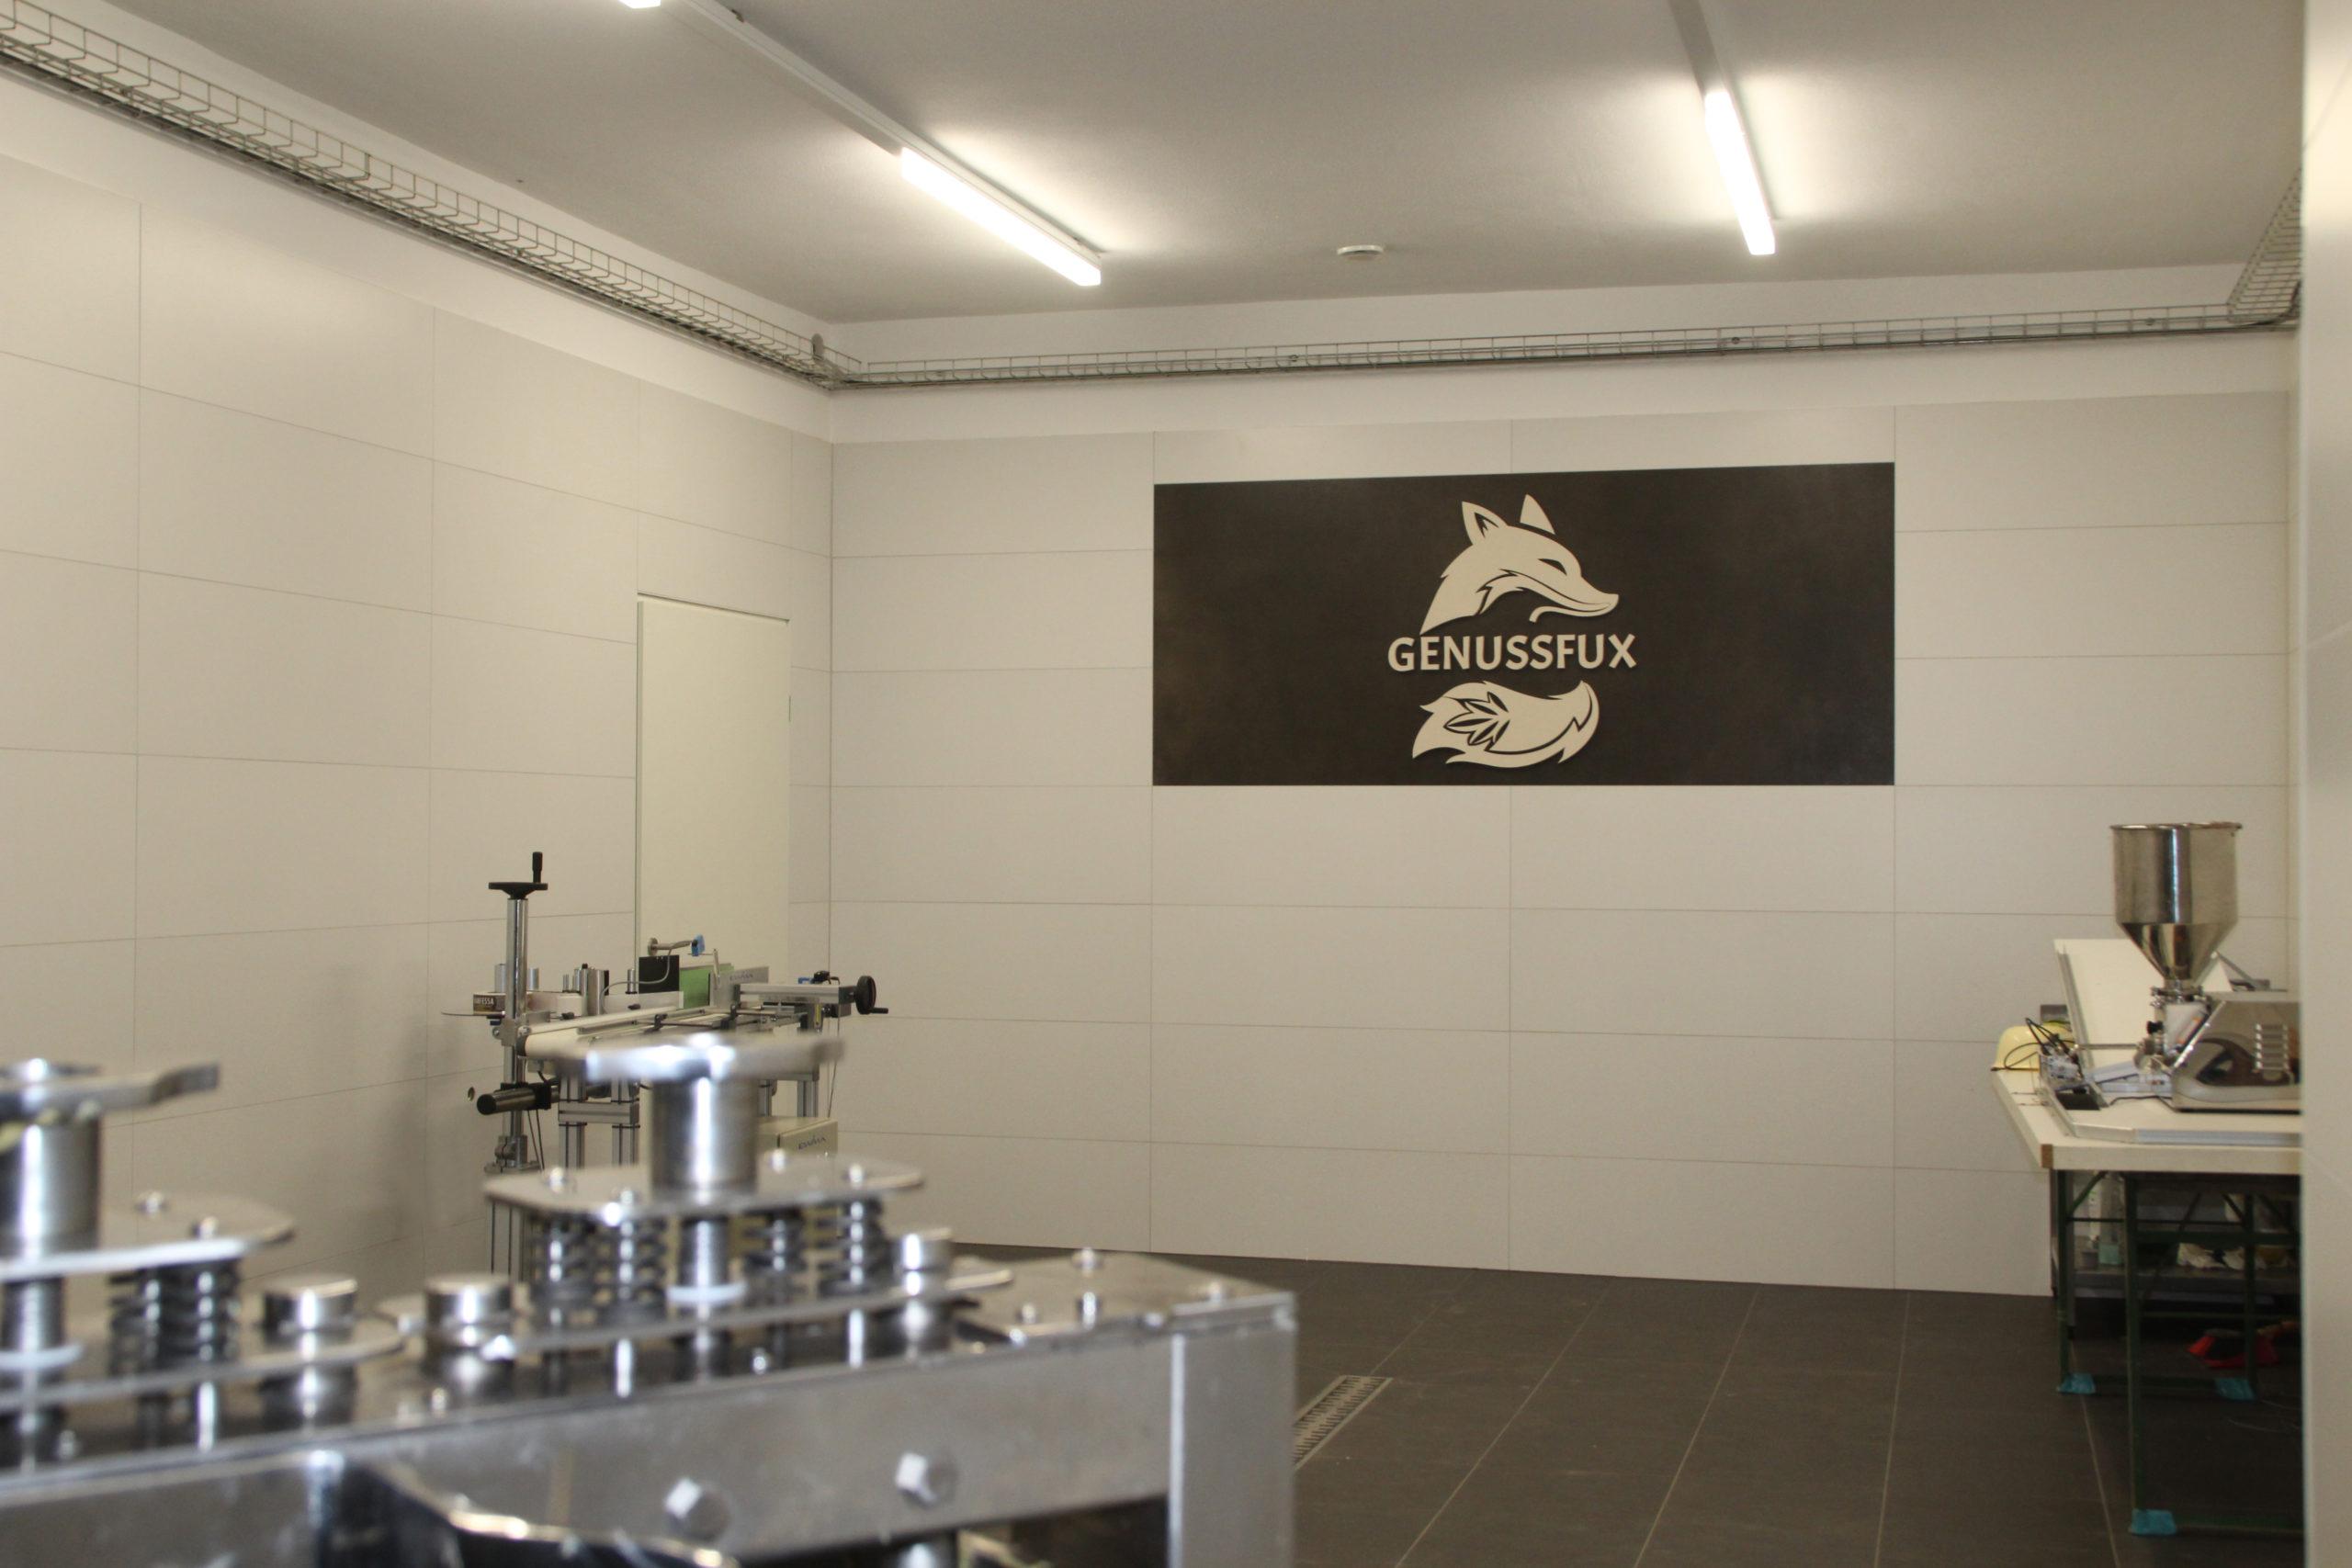 Unser neues Produktions- und Innovationszentrum